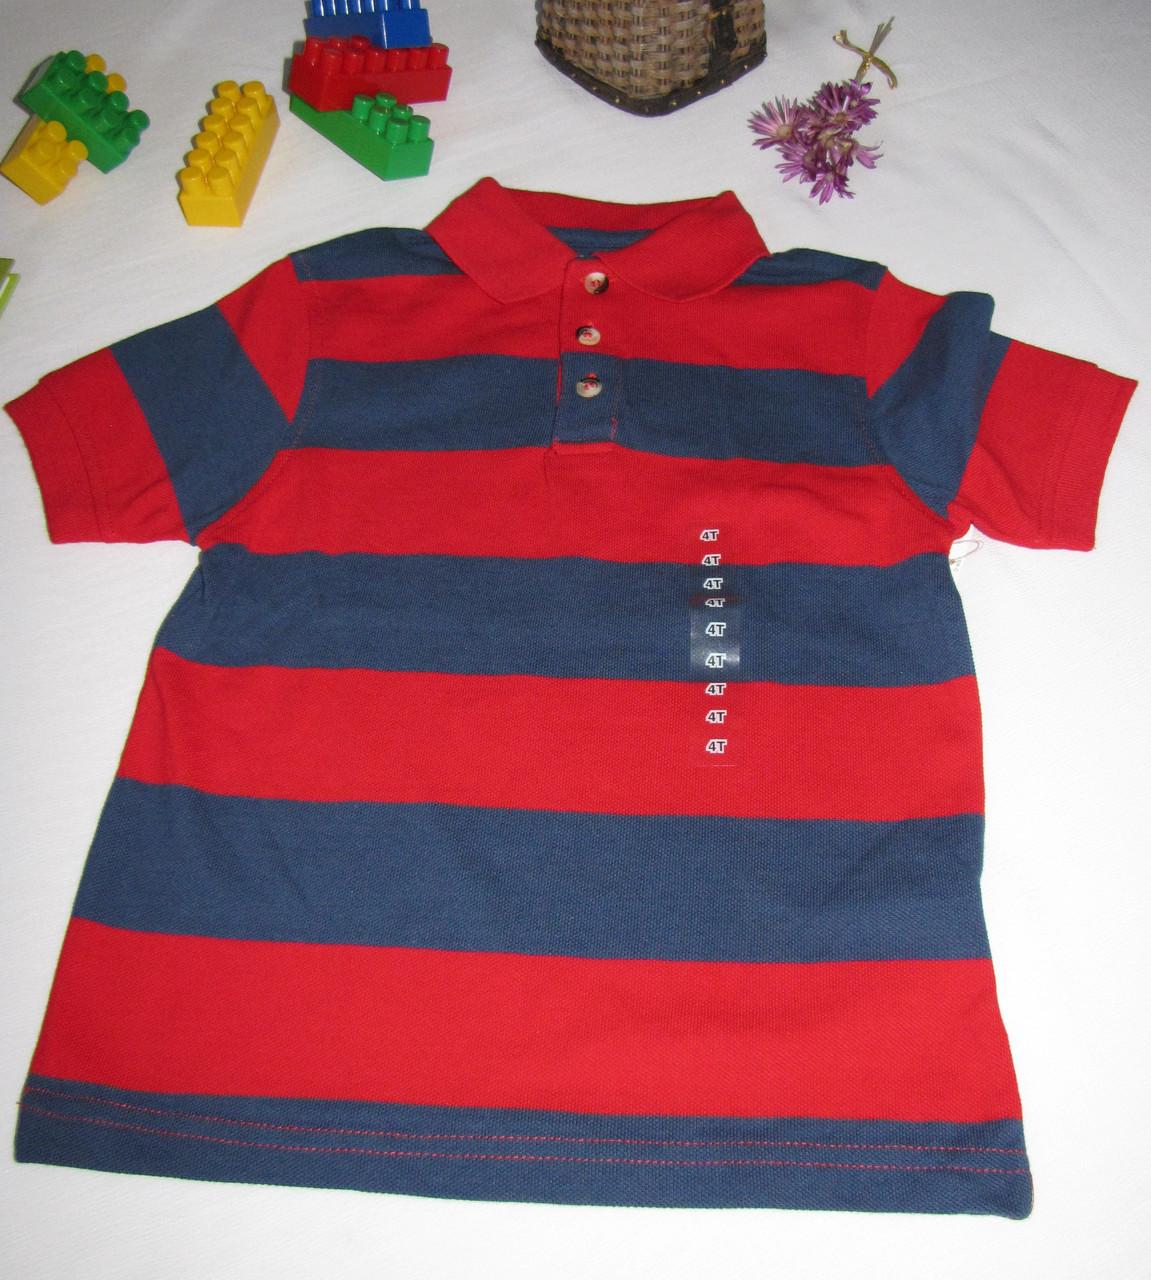 Футболка Arizona Jeans оригинал рост 104 см красная+темно синяя 07116